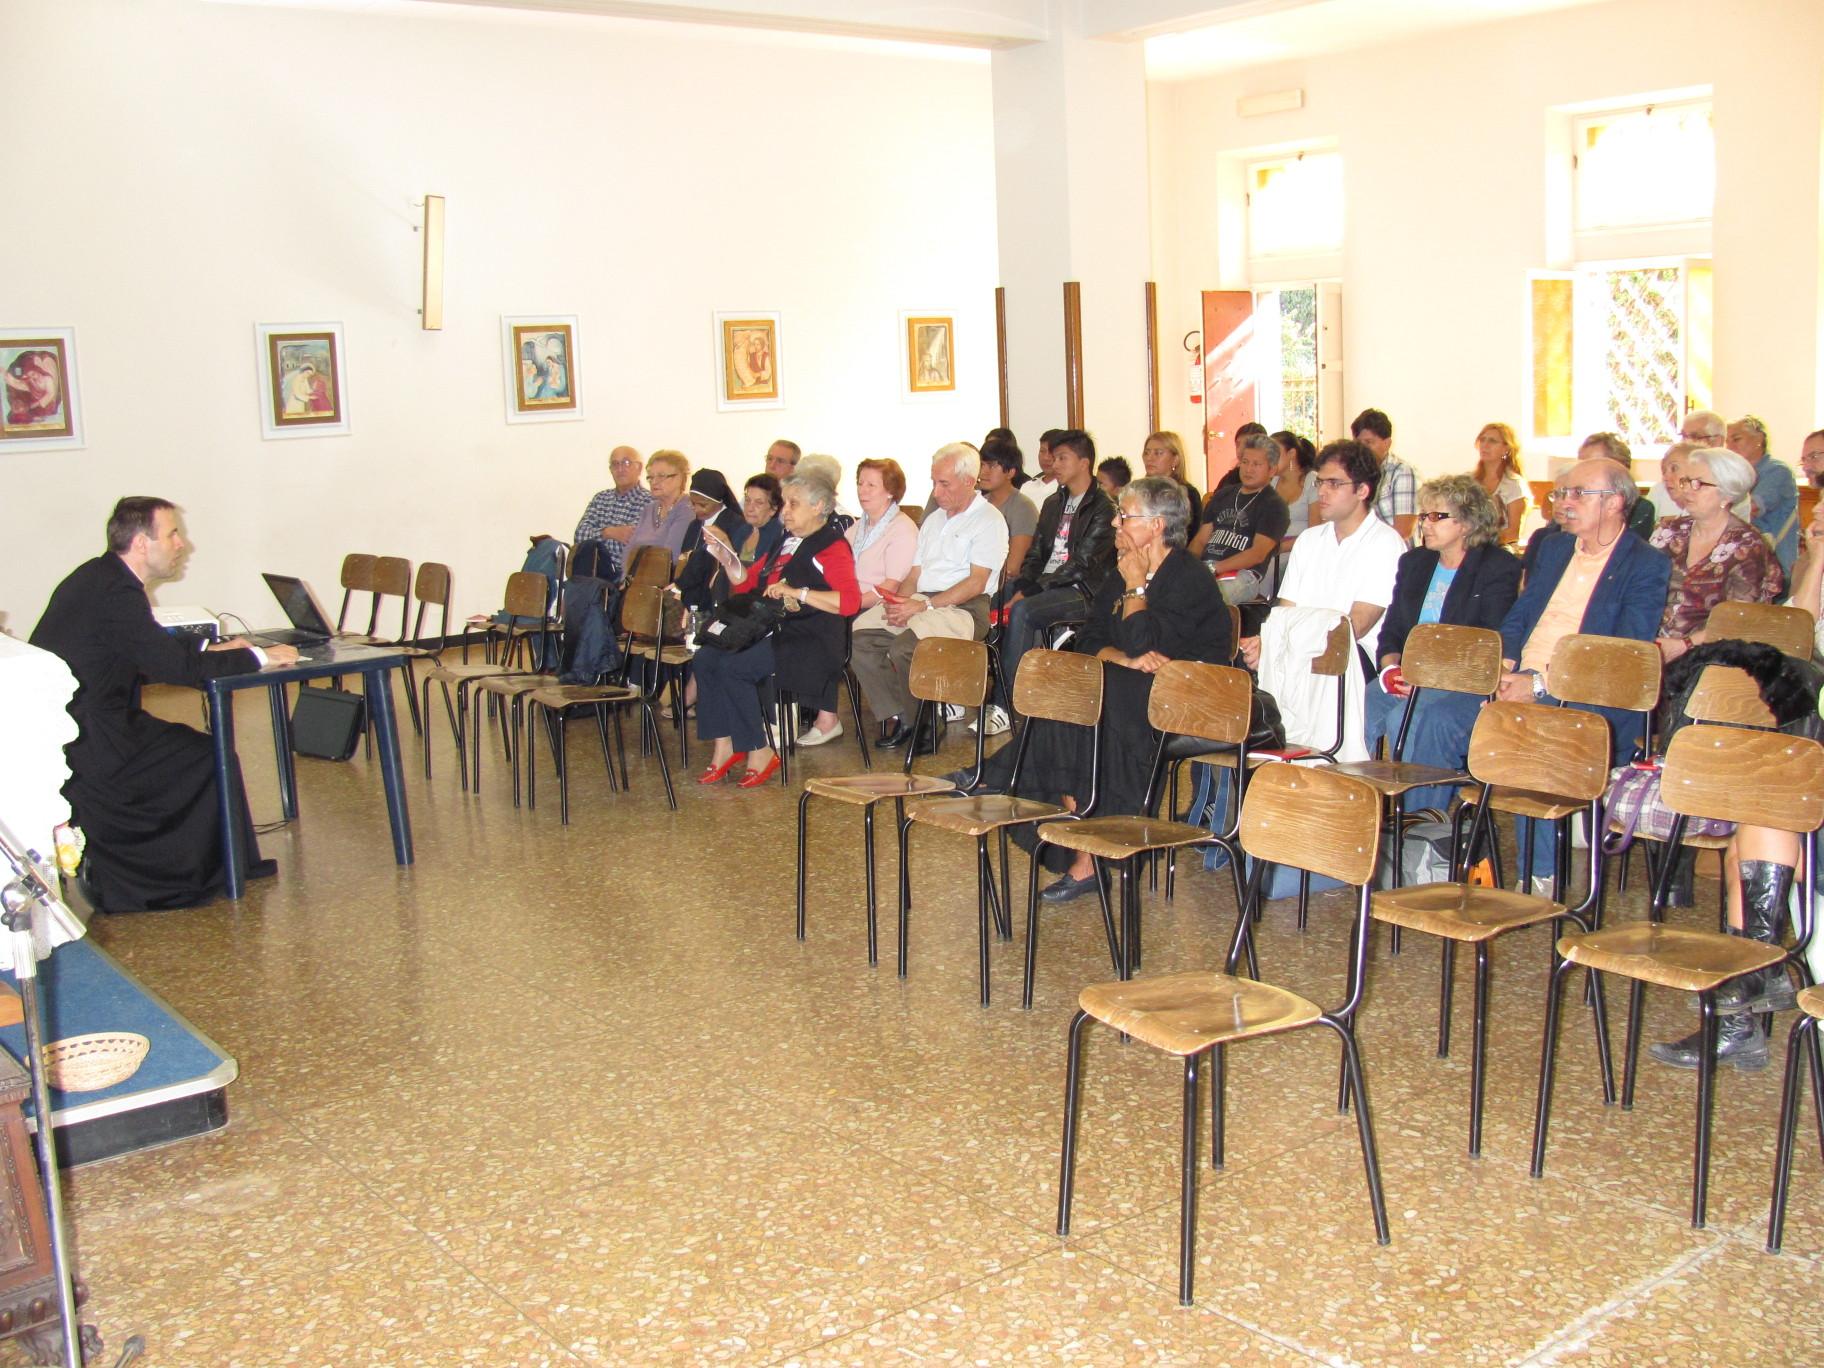 giornata_comunita_arenzano_2012-09-30-10-46-30